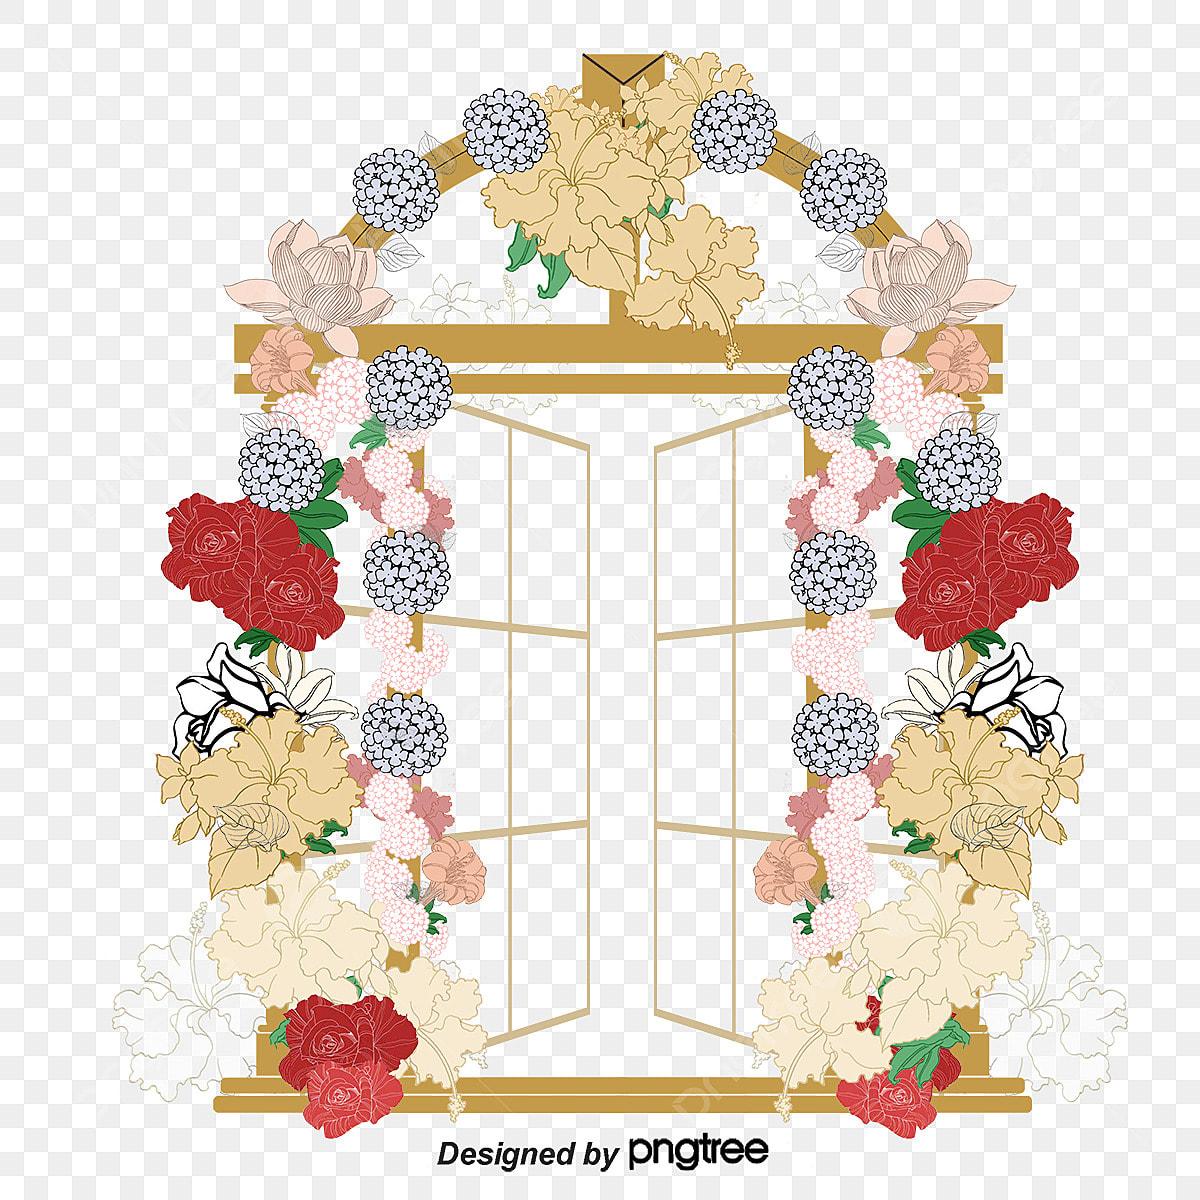 花のアーチを飾って 花飾り イラスト アーチ画像素材の無料ダウンロード